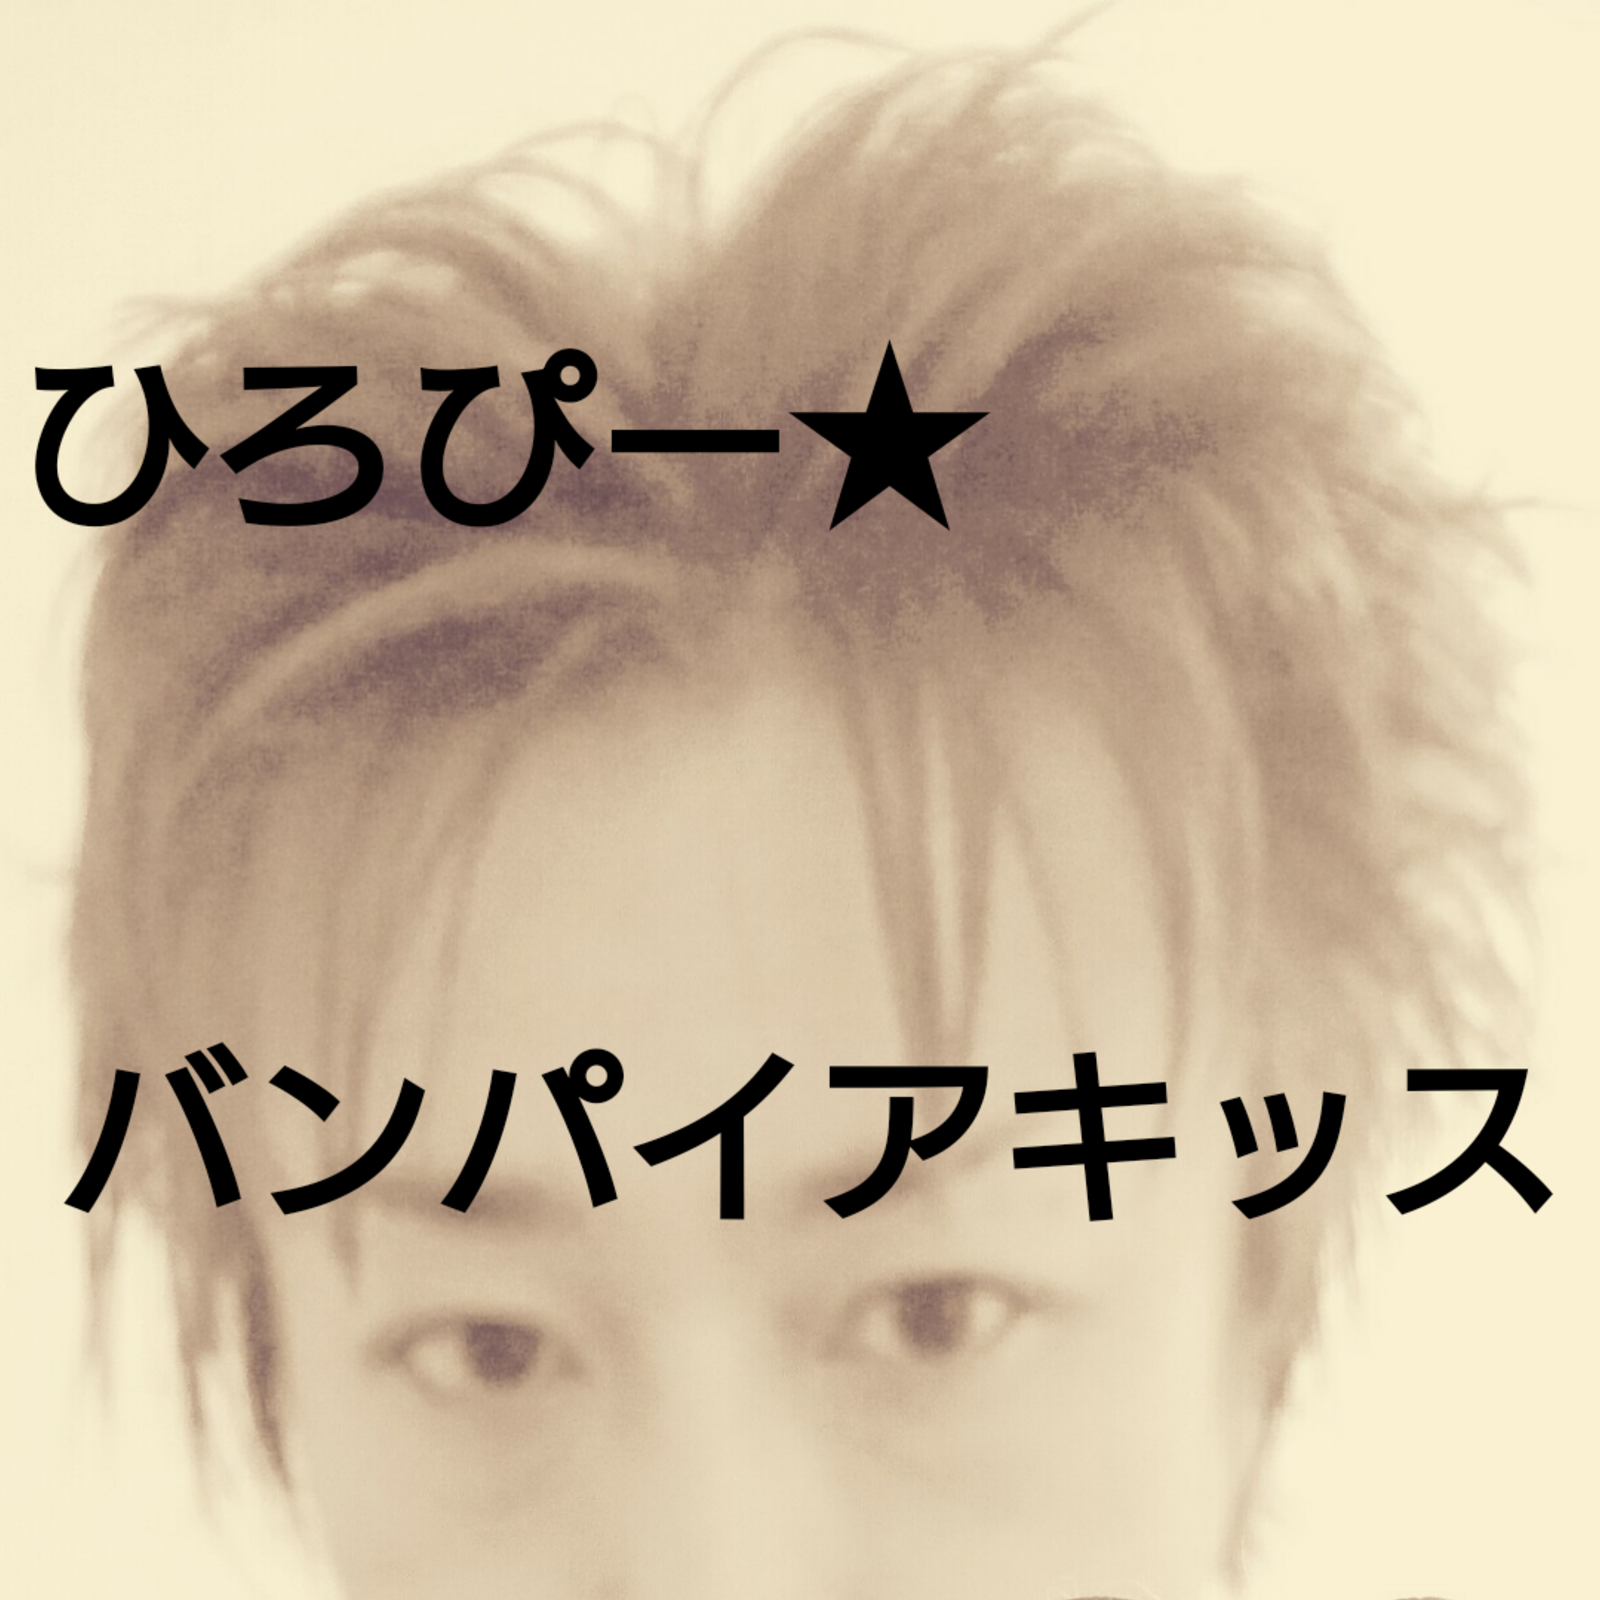 Image.png?sr.dw=286&sr